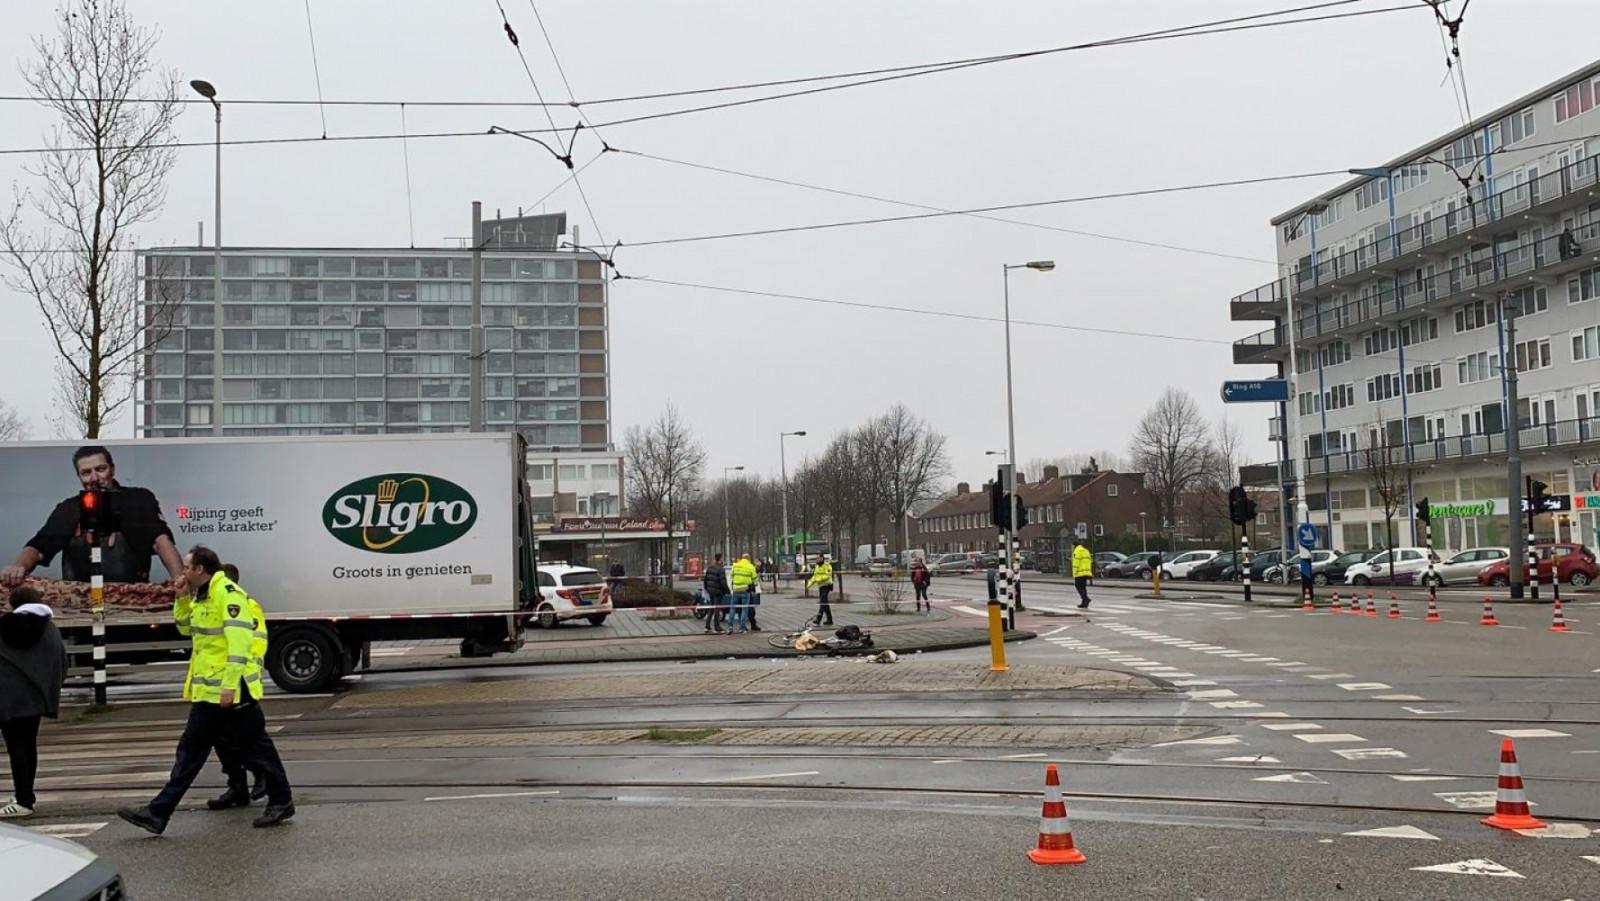 Fietser gewond bij aanrijding op kruispunt in Amsterdamse wijk Osdorp.